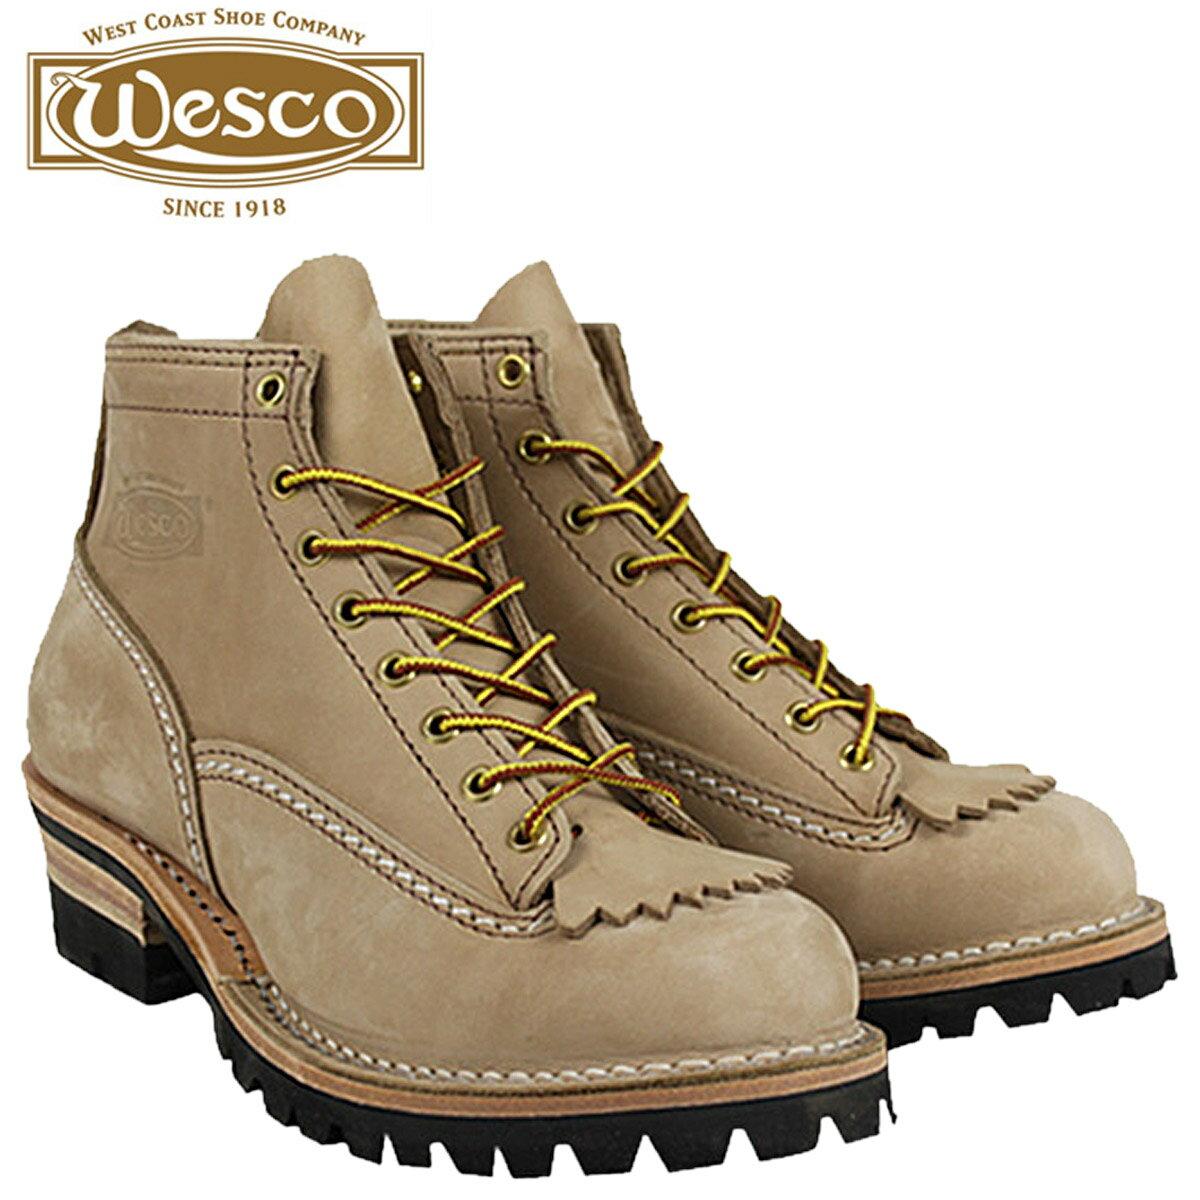 ウエスコ ジョブマスター WESCO ブーツ 6インチ バーラップ  6INCH JOB MASTER Eワイズ ヌバック  BE106100 ウェスコ  メンズ:スニークオンラインショップ